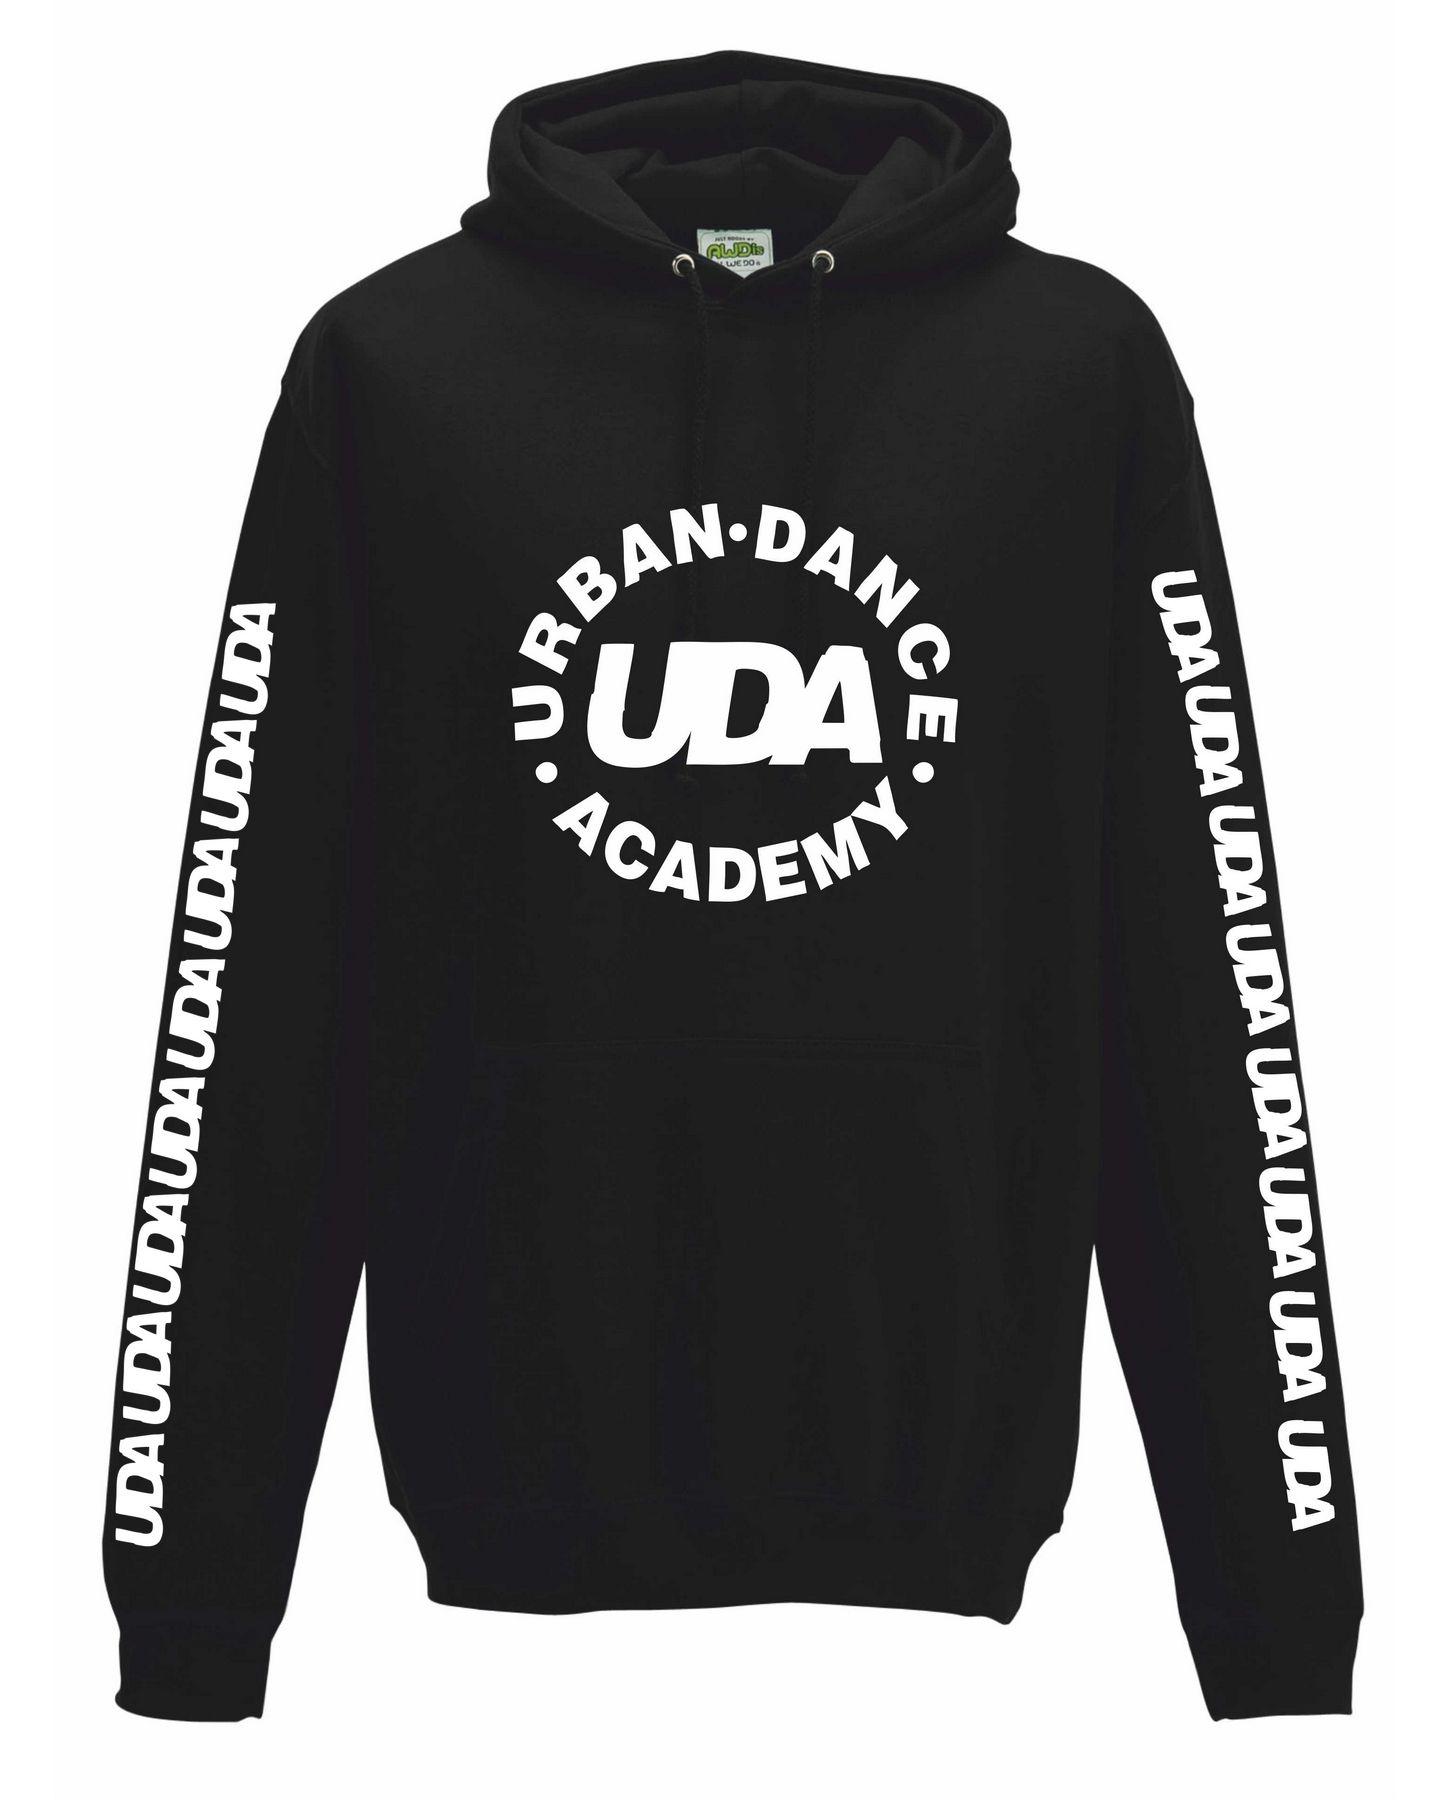 UDA – Adults Hoodie (Black)